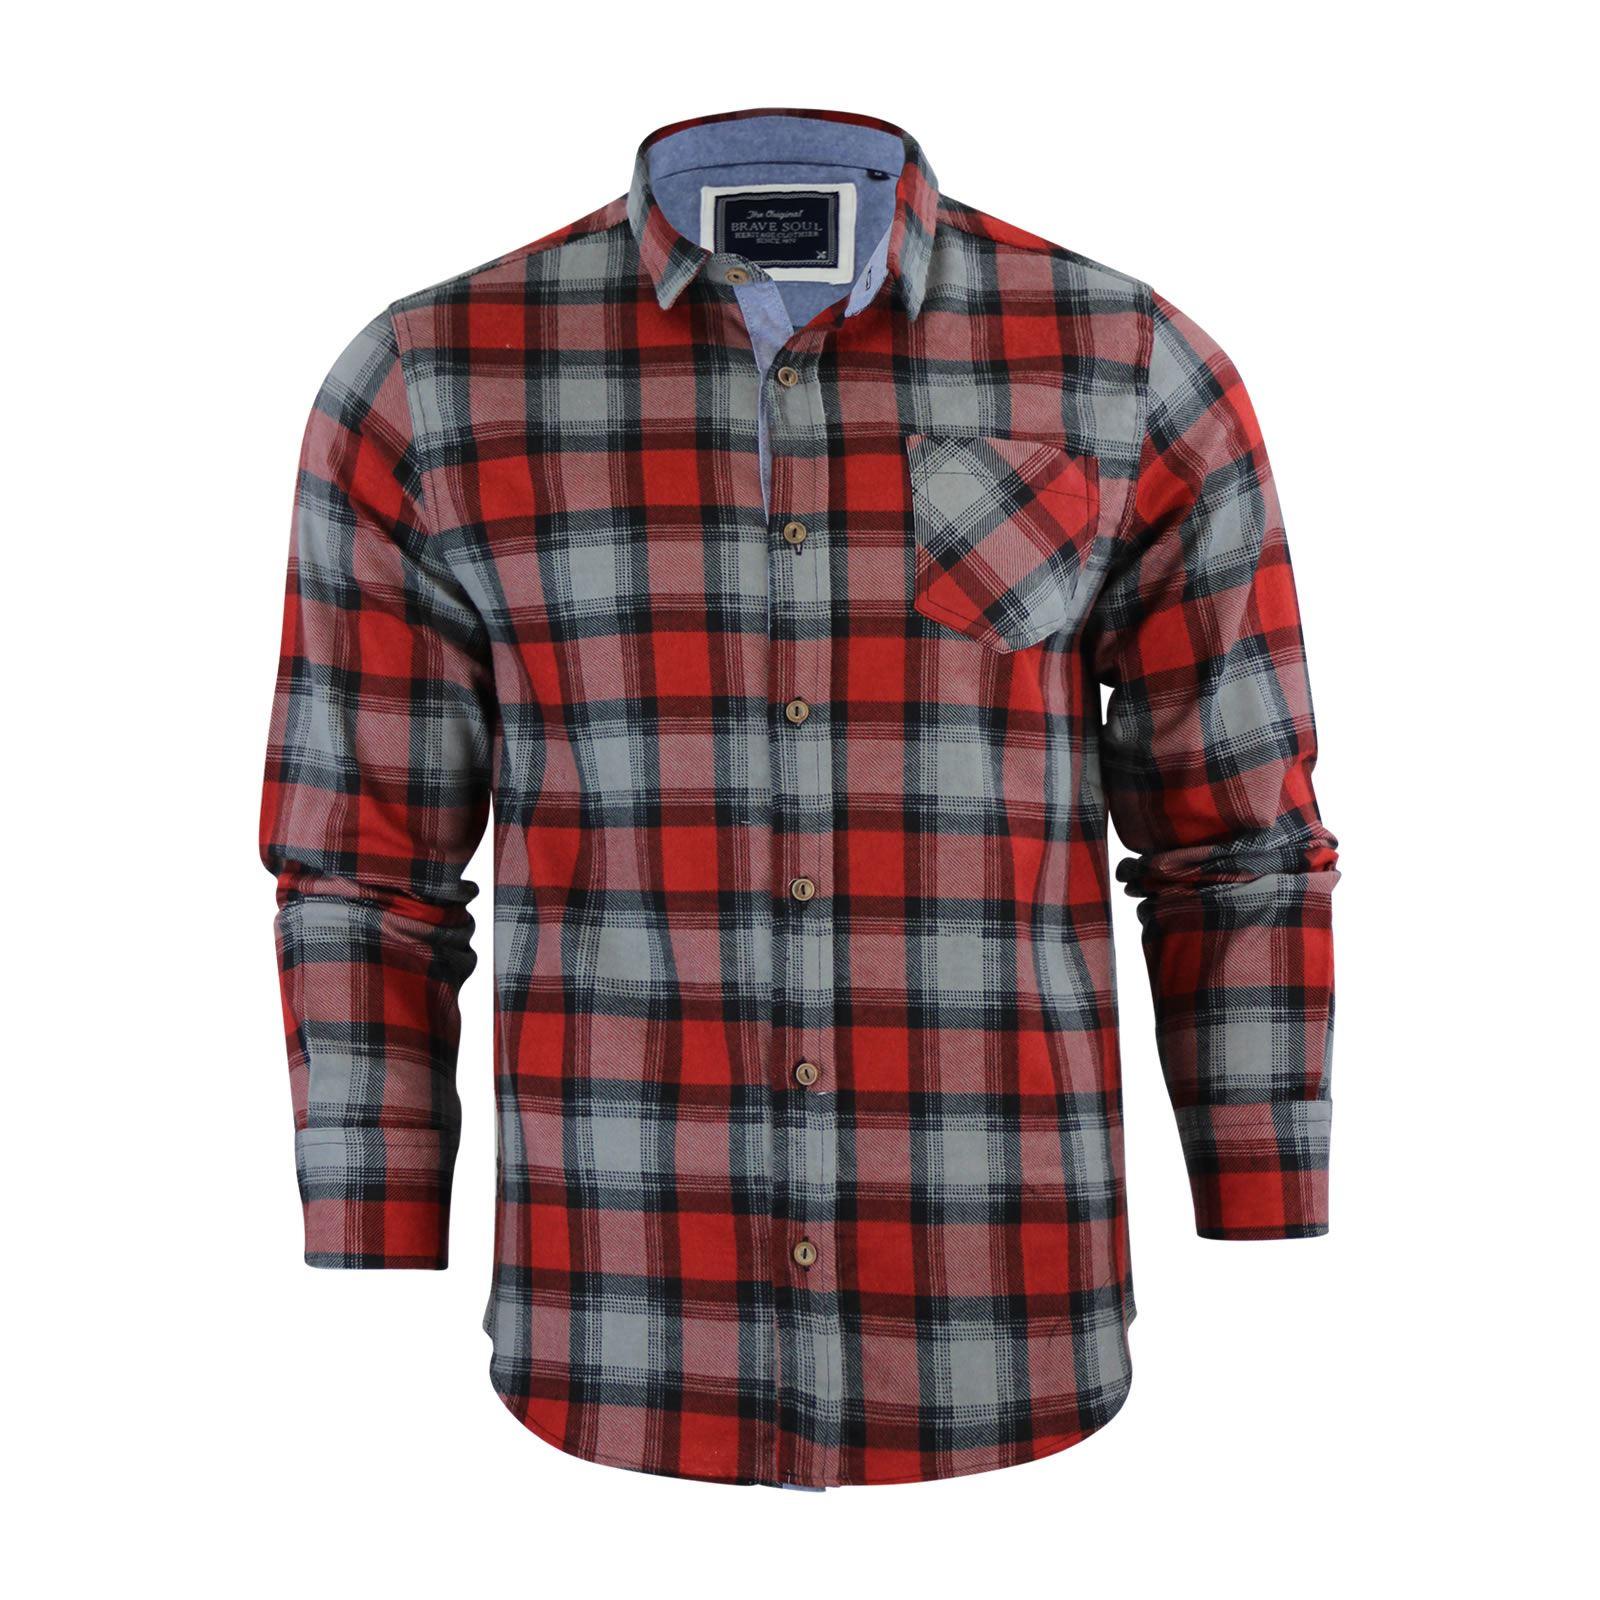 Alma-VALIENTE-HOMBRE-compruebe-Camisa-Algodon-Cepillado-De-Franela-Top-Manga-Larga-Casual miniatura 37